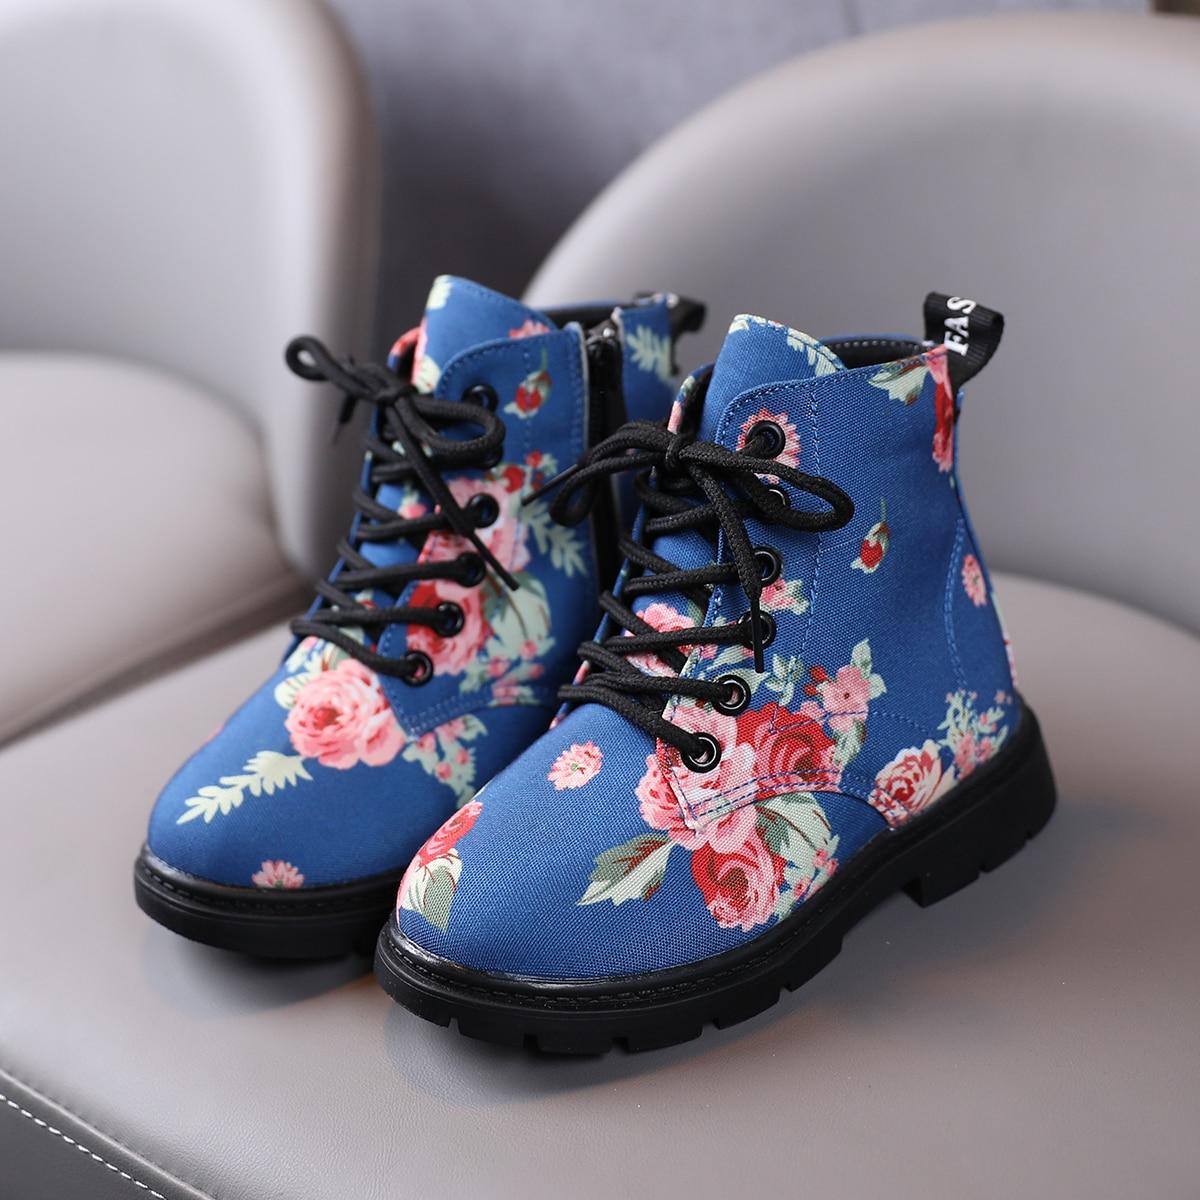 Ботинки с цветочным рисунком для девочек SheIn sk2108030090101309